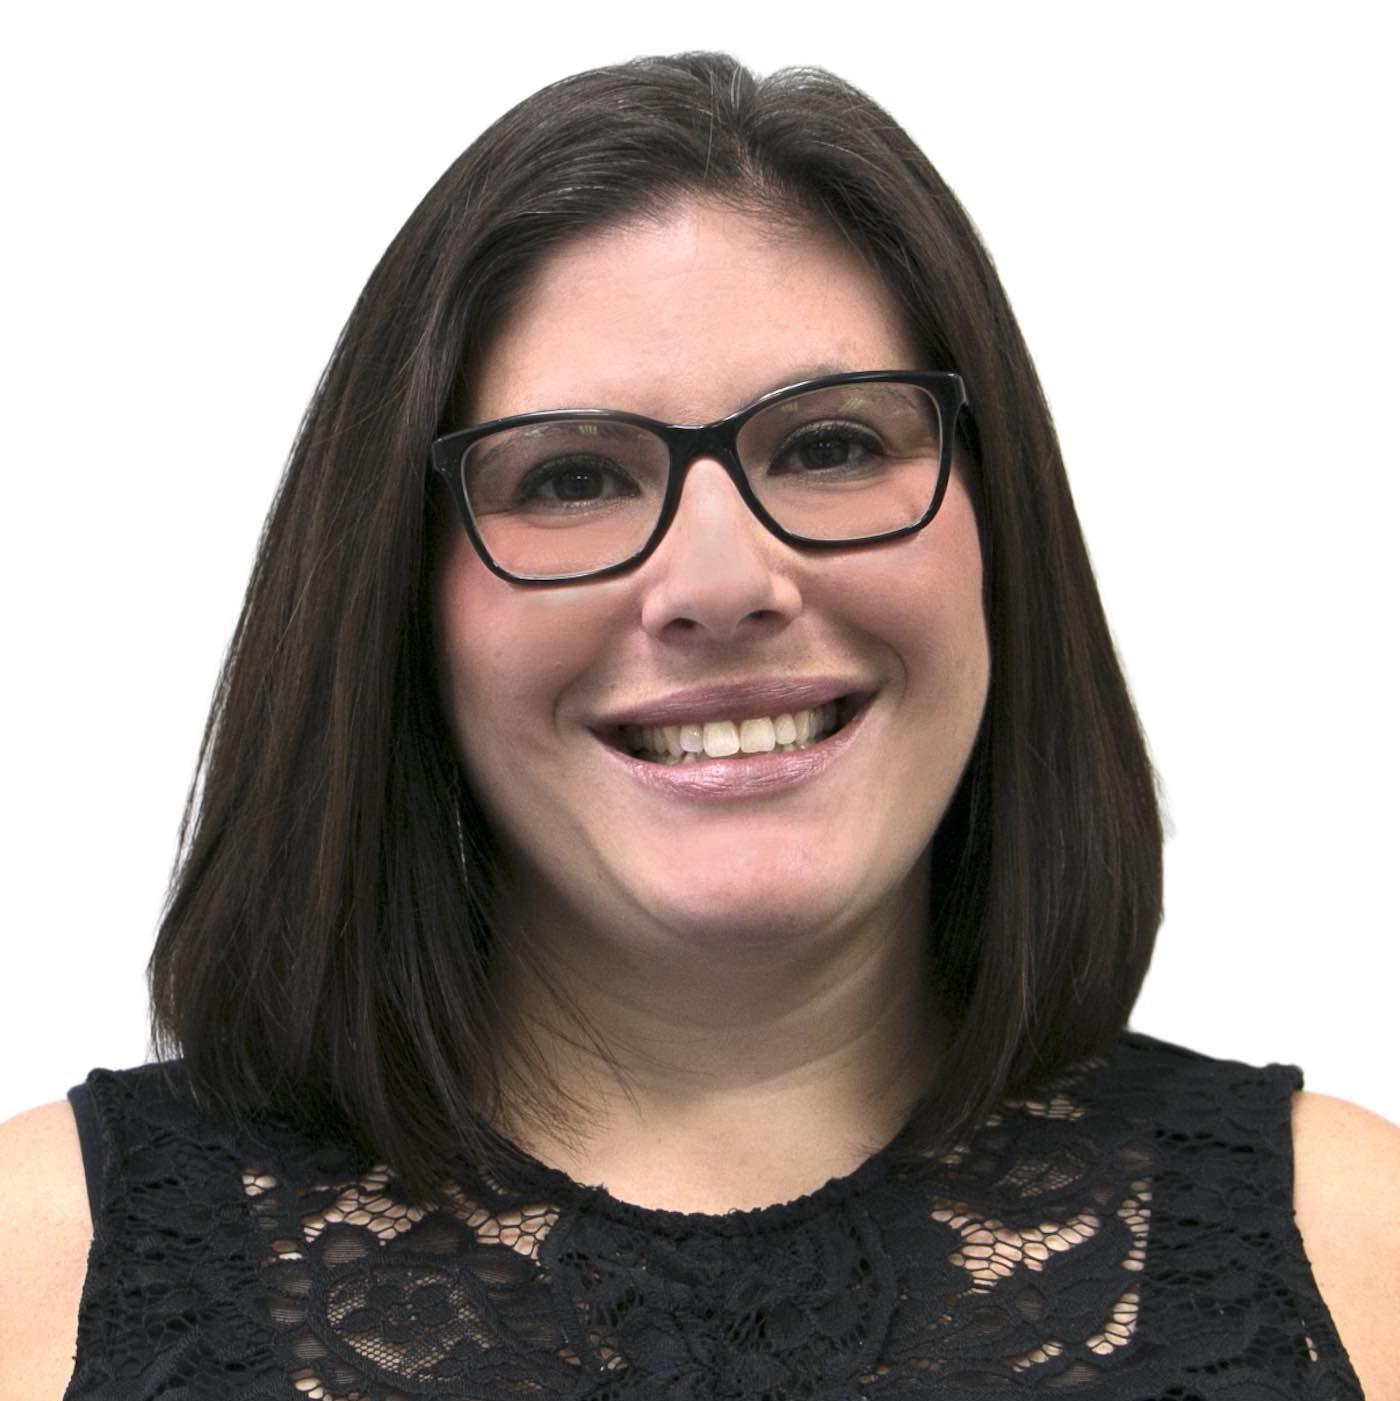 Jessica Furman